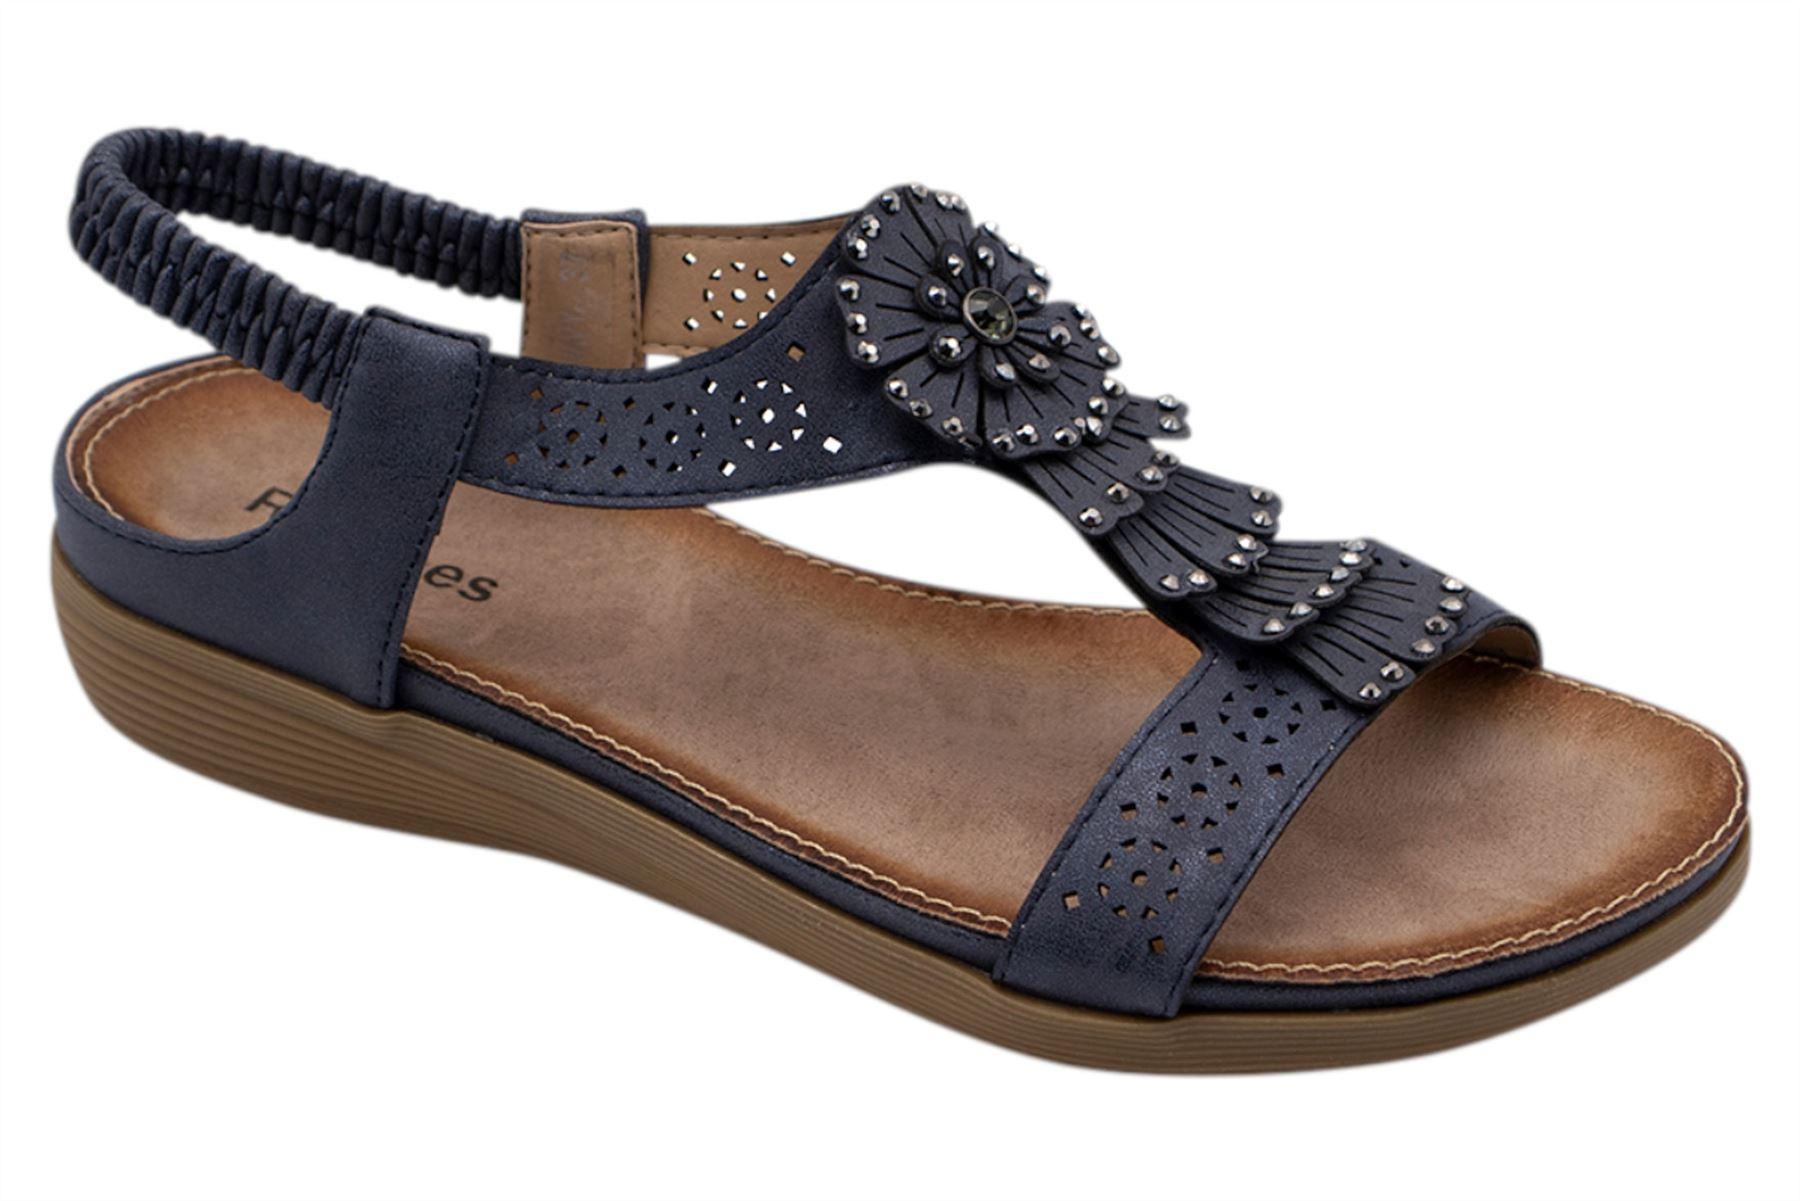 Ladies-Sandals-Womens-Shiny-Flat-Flip-Flop-Beach-Sliders miniatura 29